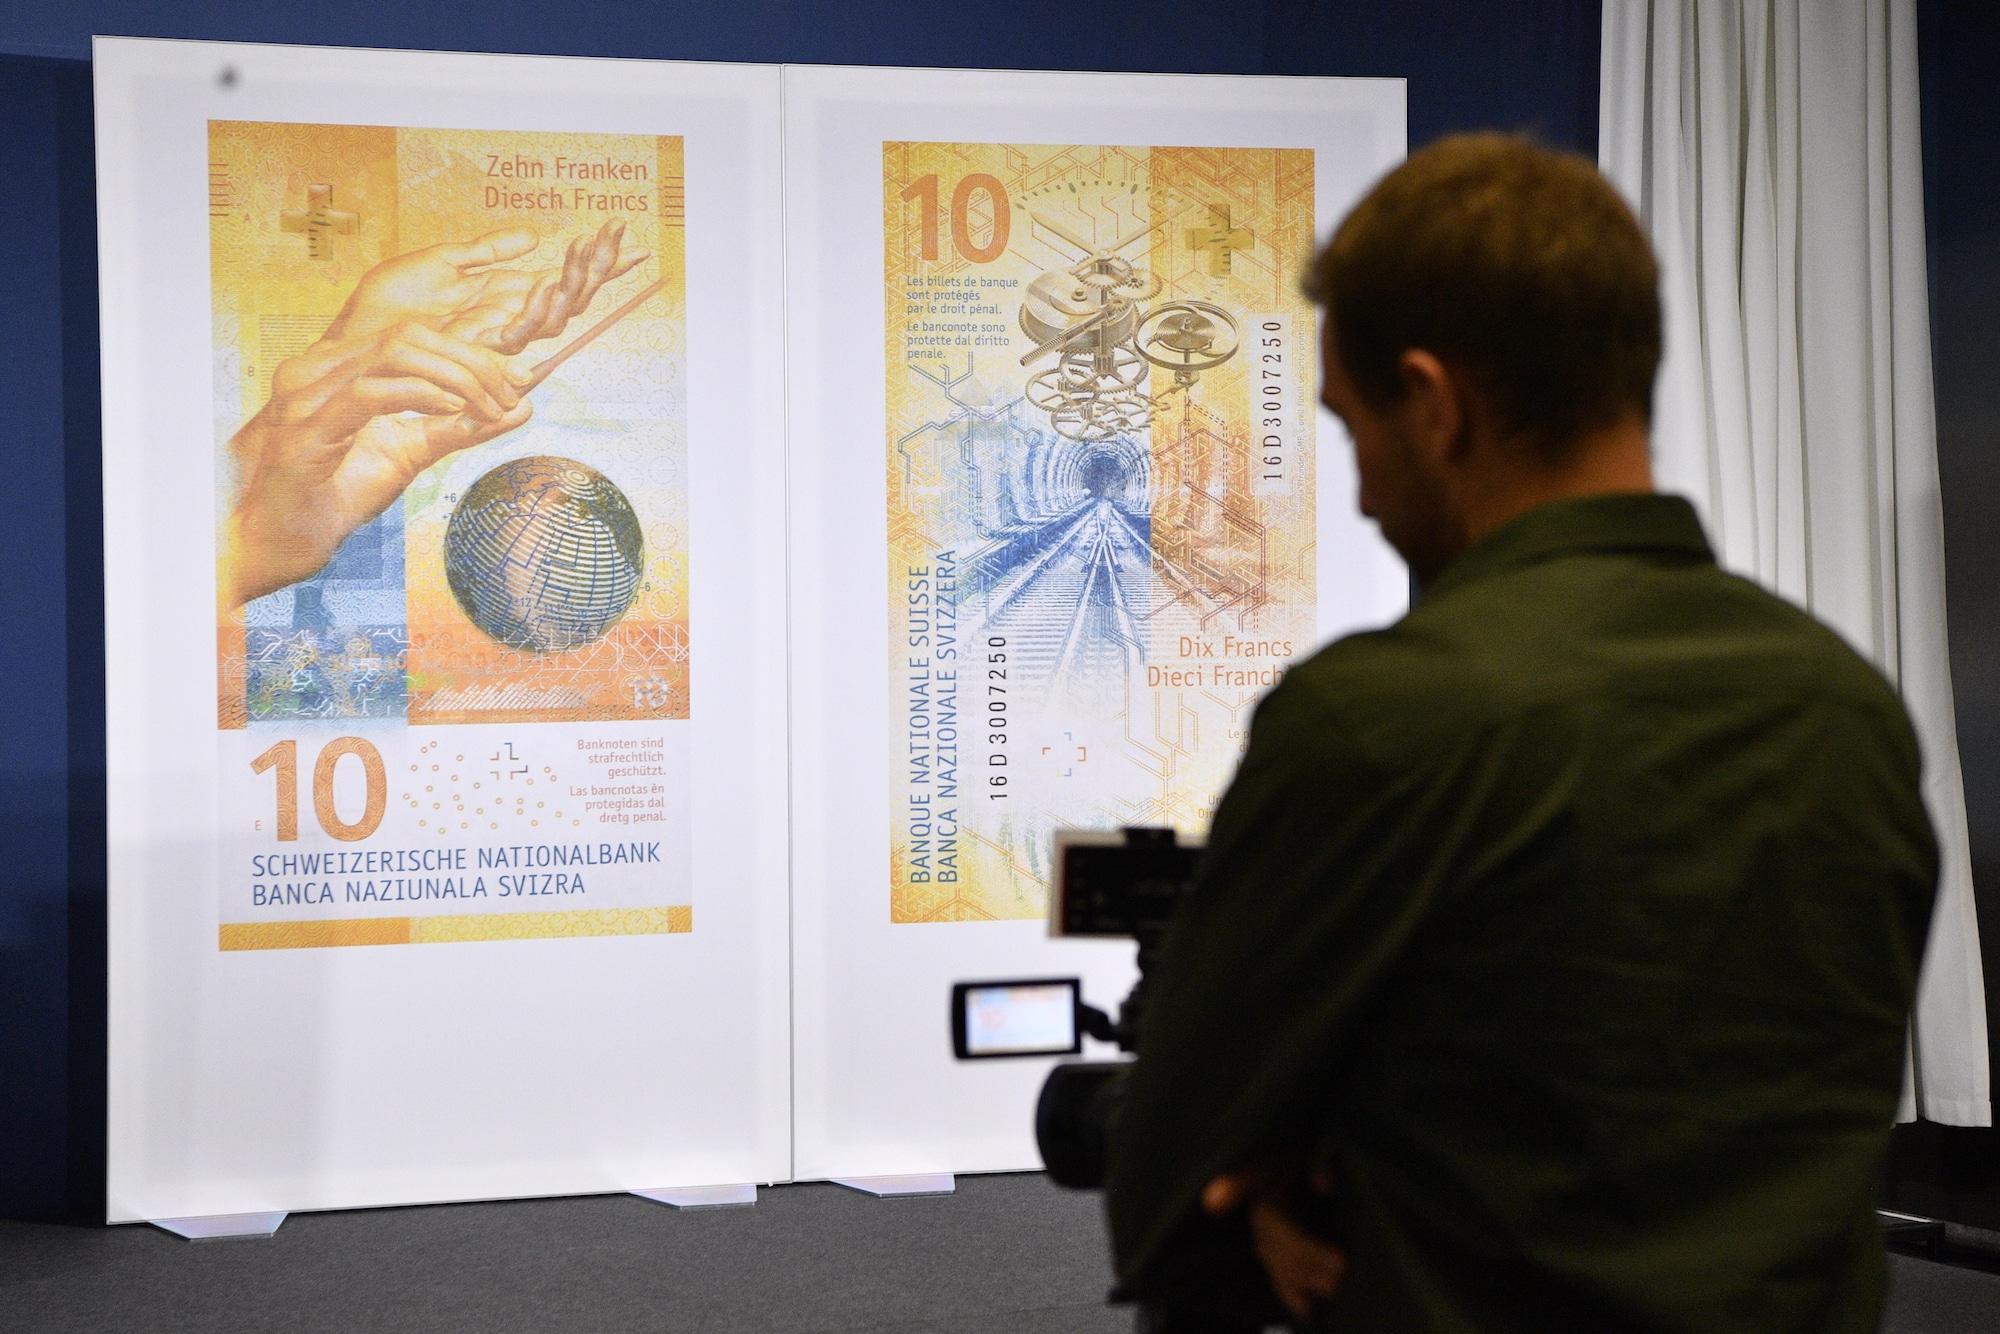 Die neue Schweizer 10-Franken-Note der Schweizerischen Nationalbank, aufgenommen an der Medienkonferenz in Bern, am Mittwoch,